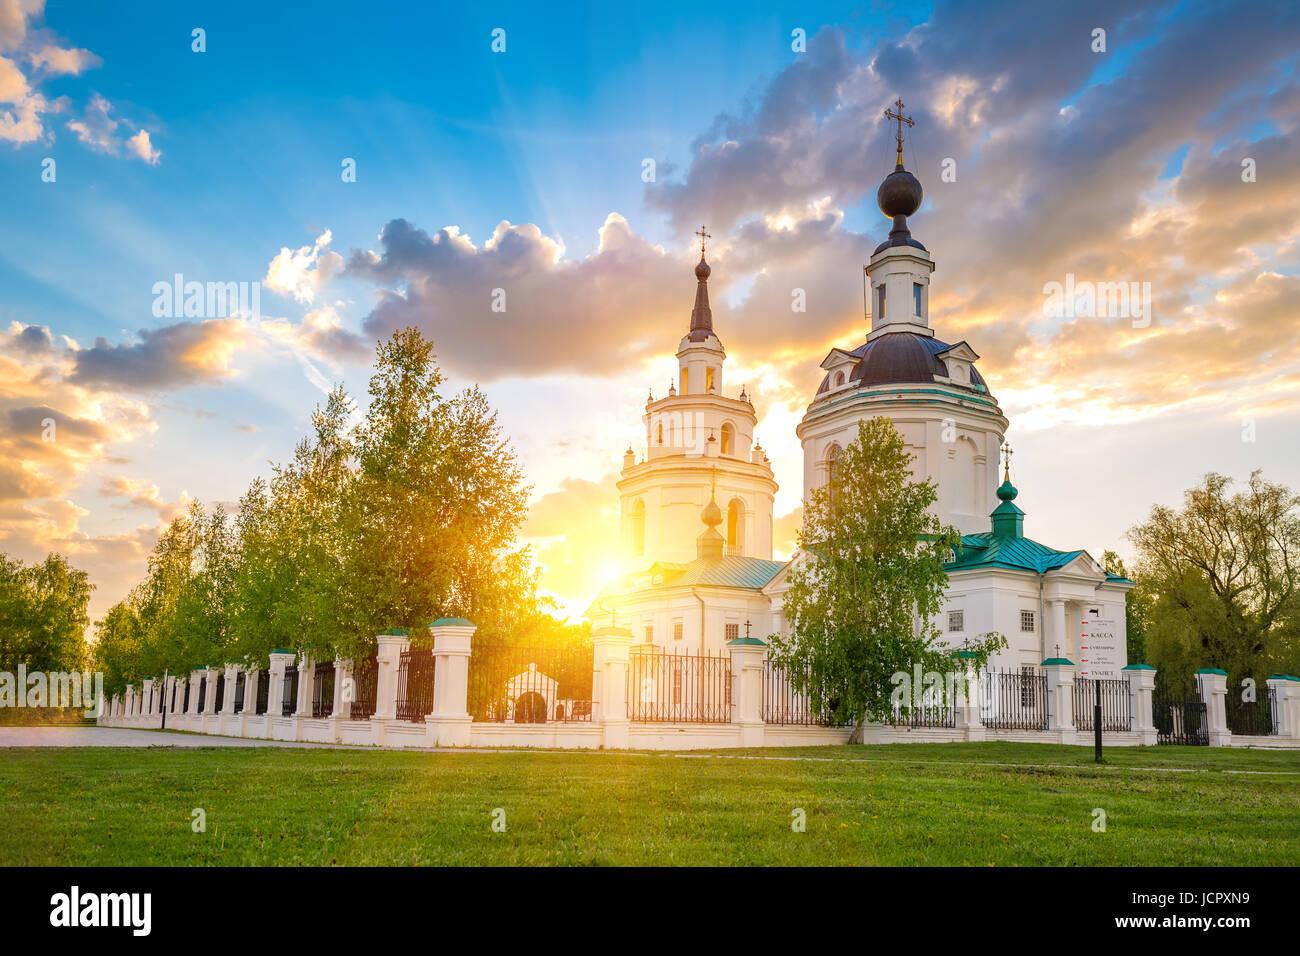 Nuages sur l'église orthodoxe russe au coucher du soleil. Bolshoe Boldino, Russie Photo Stock